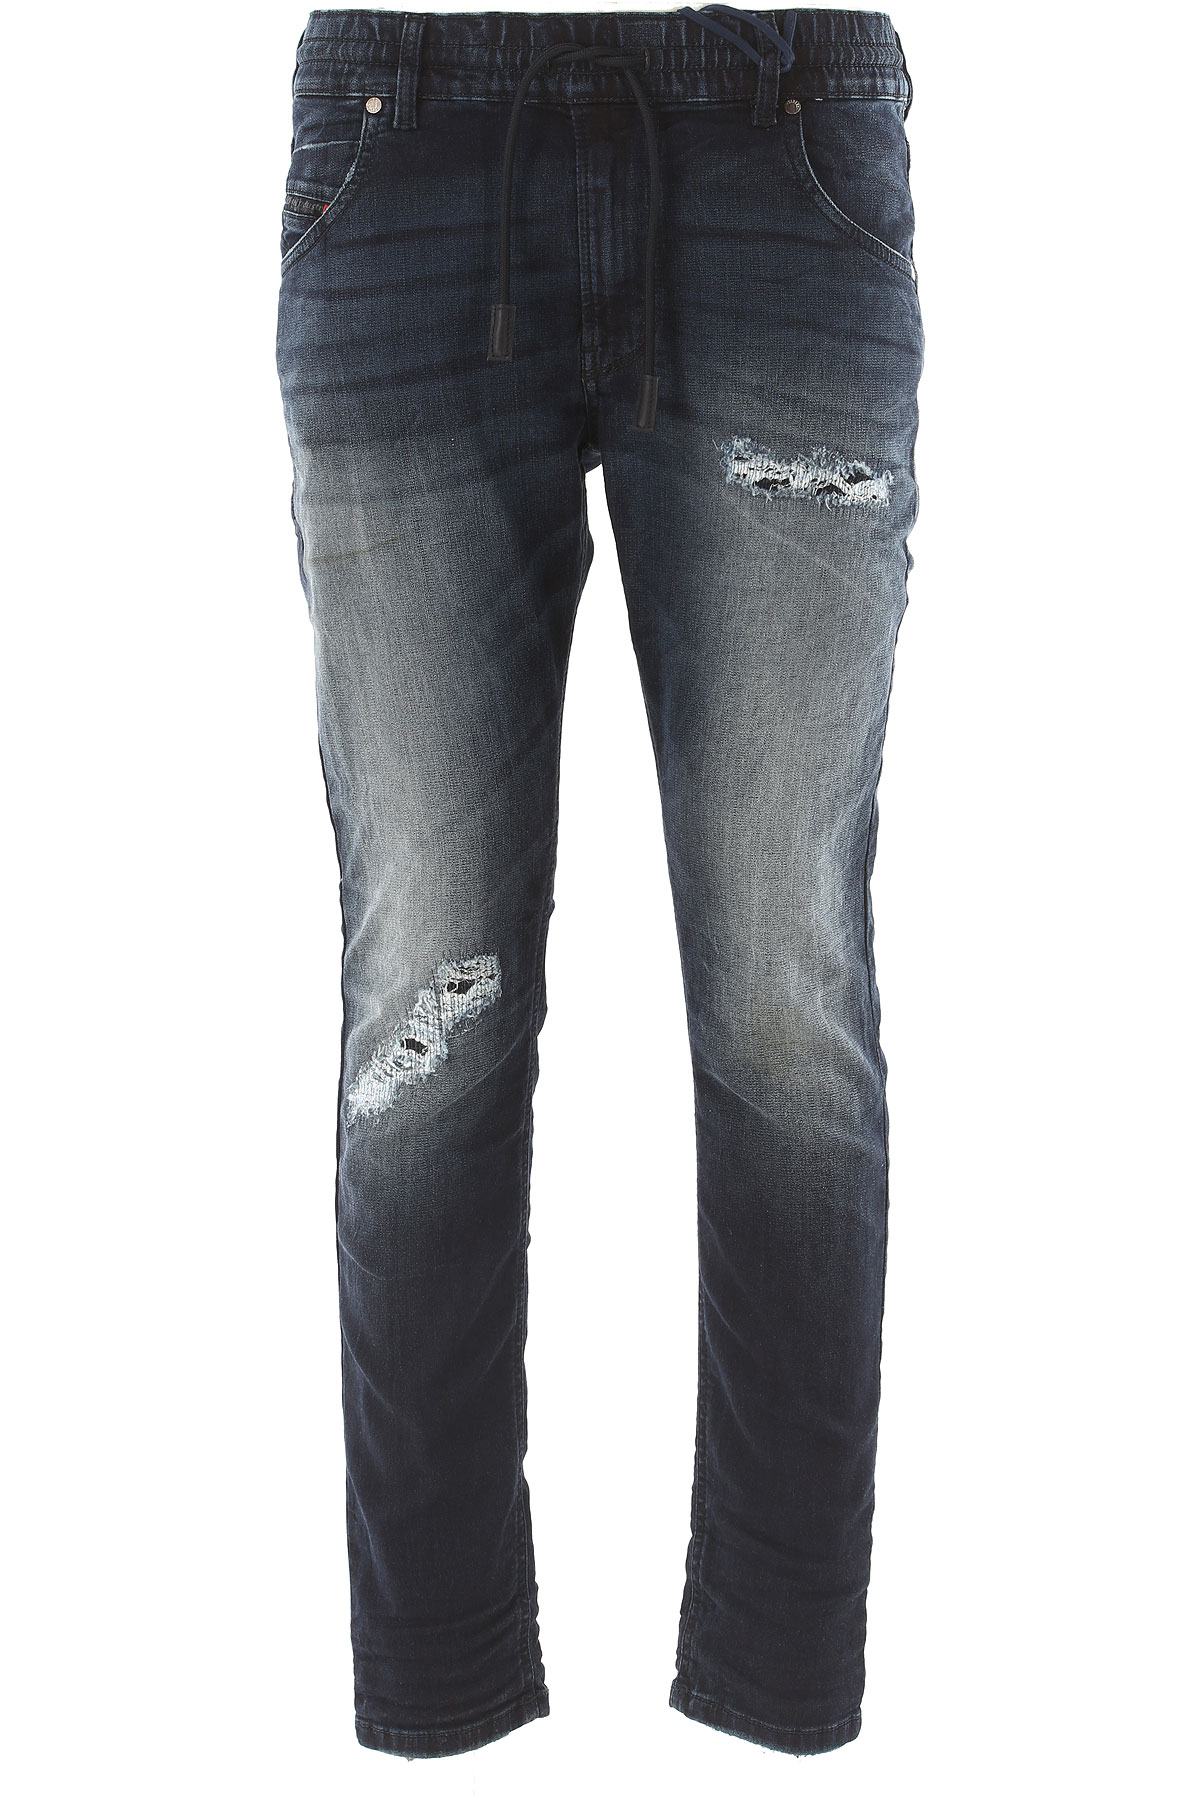 Jeans On Sale, Dark Grey, Cotton, 2017, 30 31 32 33 34 36 38 Dondup